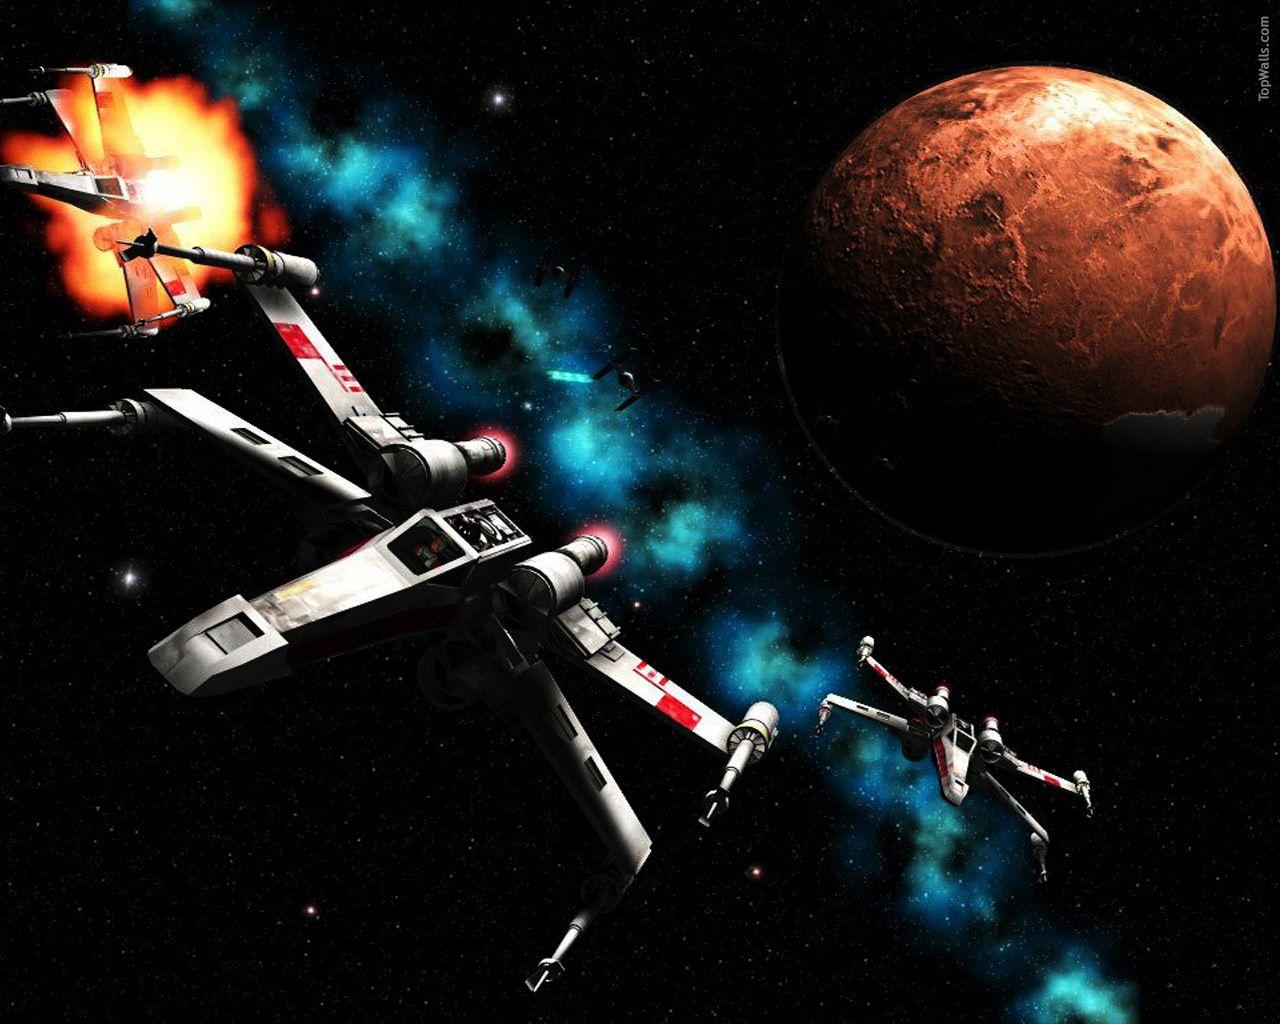 http://4.bp.blogspot.com/-Oc6R66wCYi0/TjJEd3mcR9I/AAAAAAAAACY/vOFnPsx2E_I/s1600/starwars21280.jpg